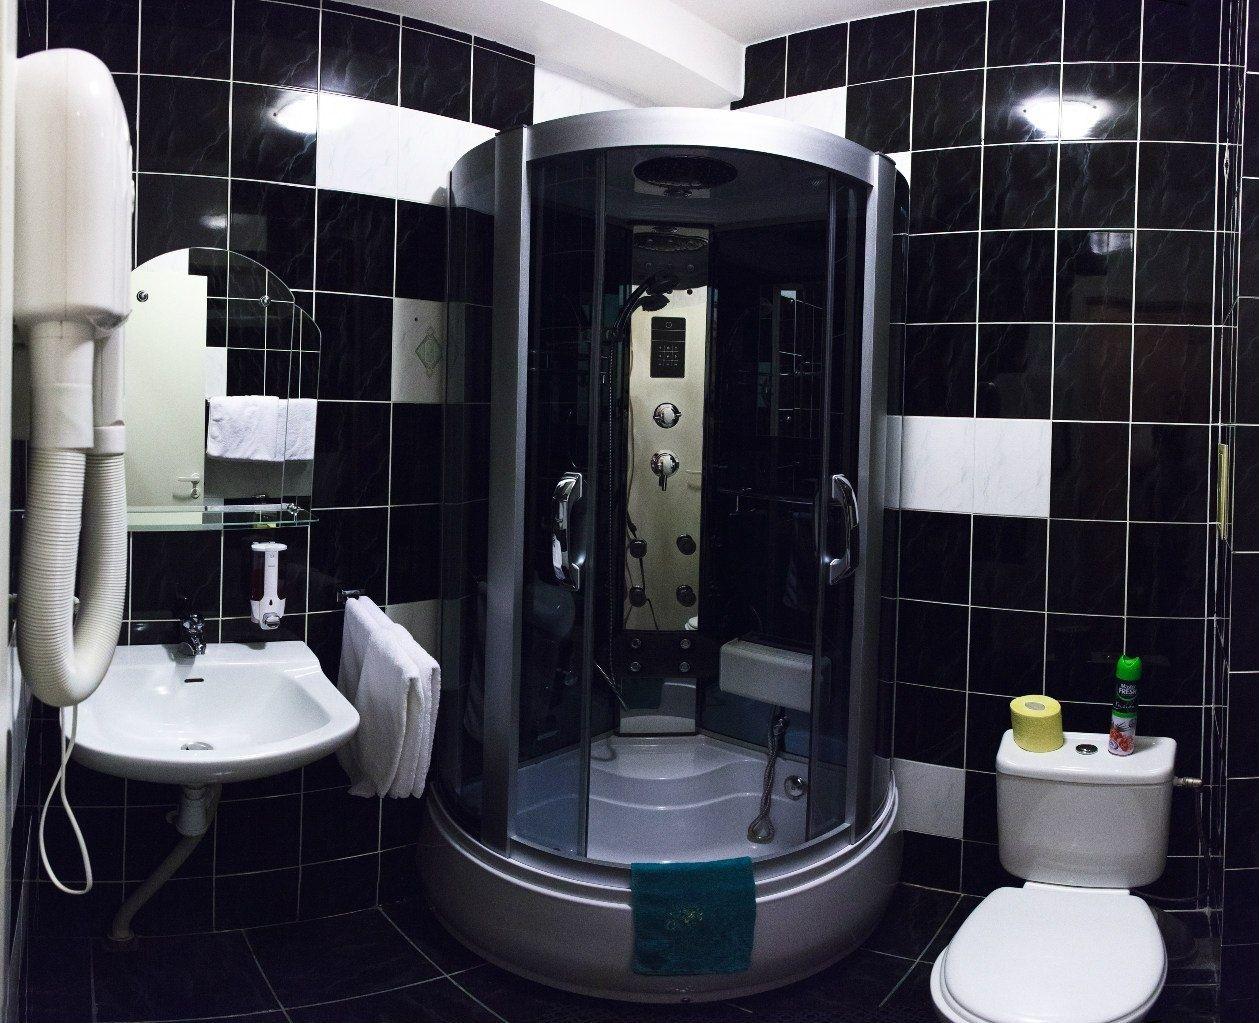 Отель «Коломяжский визит» Ленинградская область Полулюкс улучшенный, фото 5